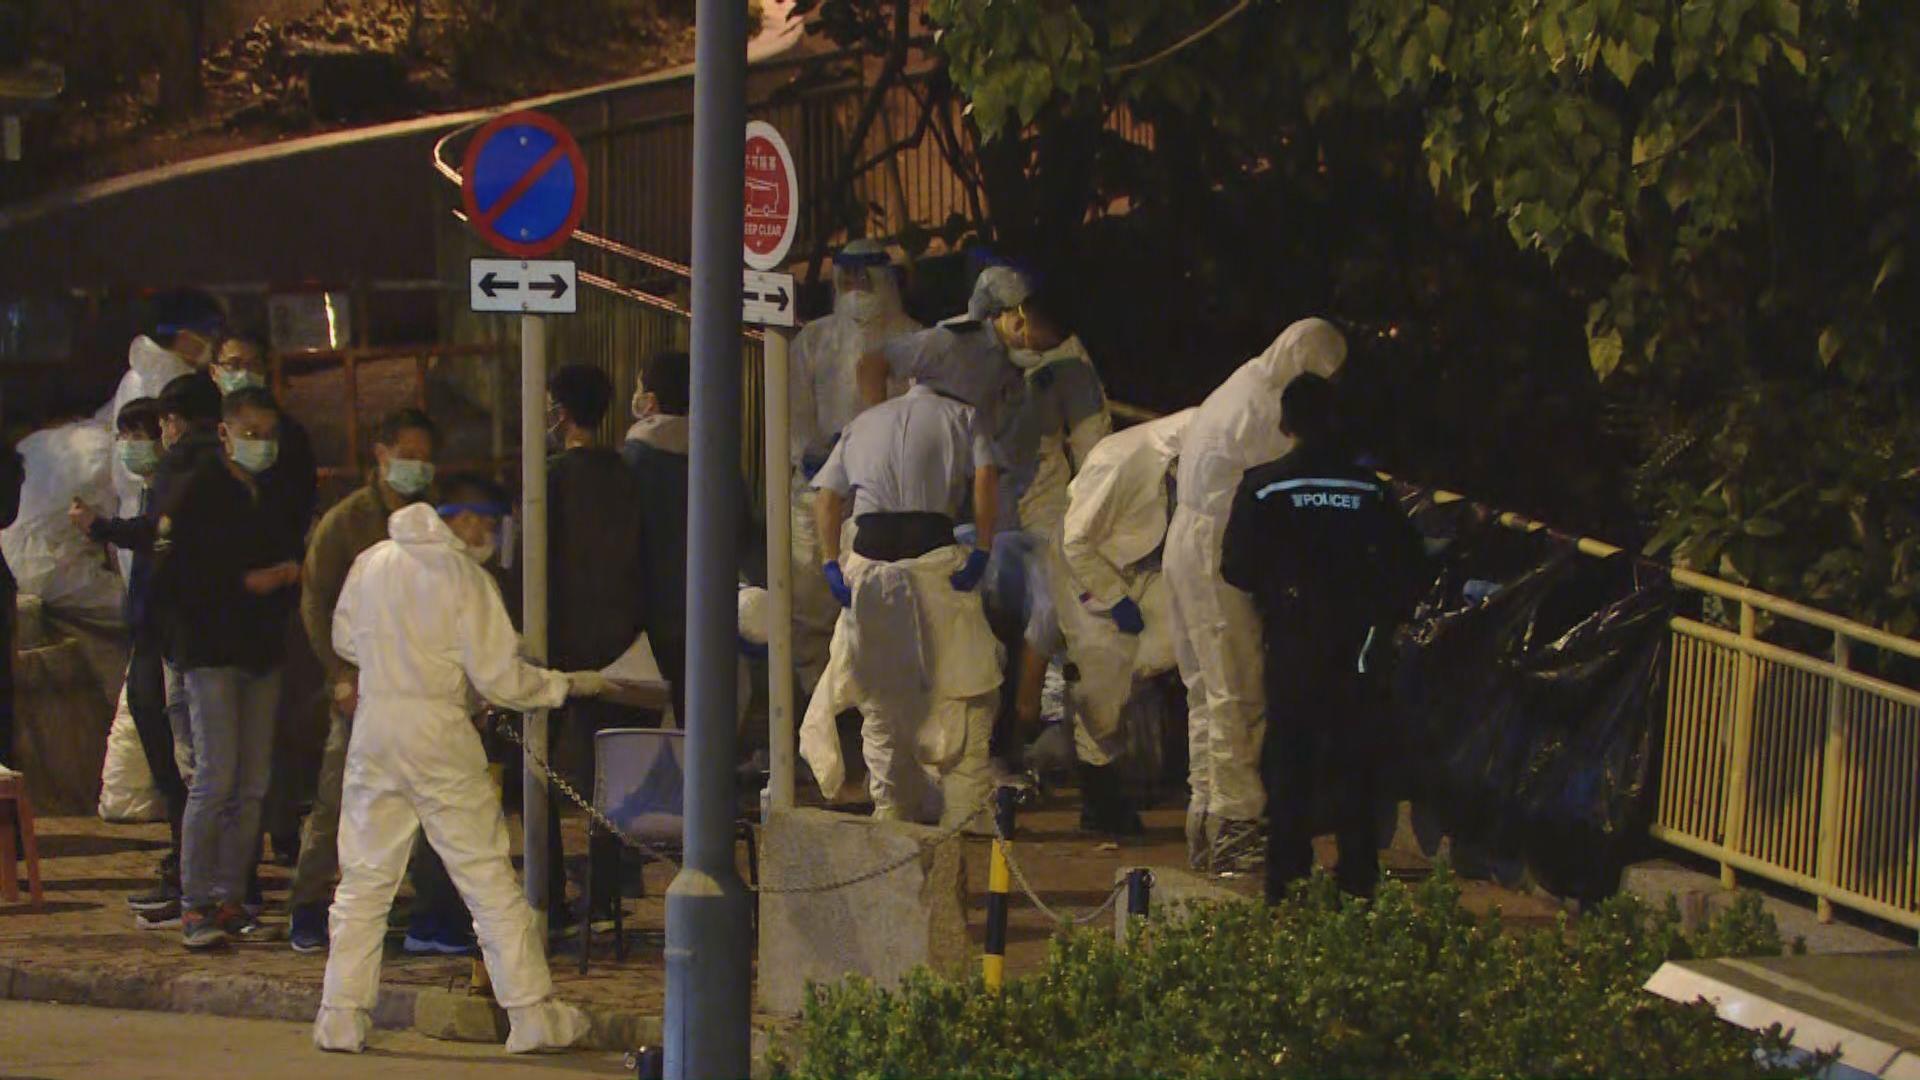 報道指警獲N95防護衣多於衞生署 政府指警隊人數最多按崗位及工作風險分配